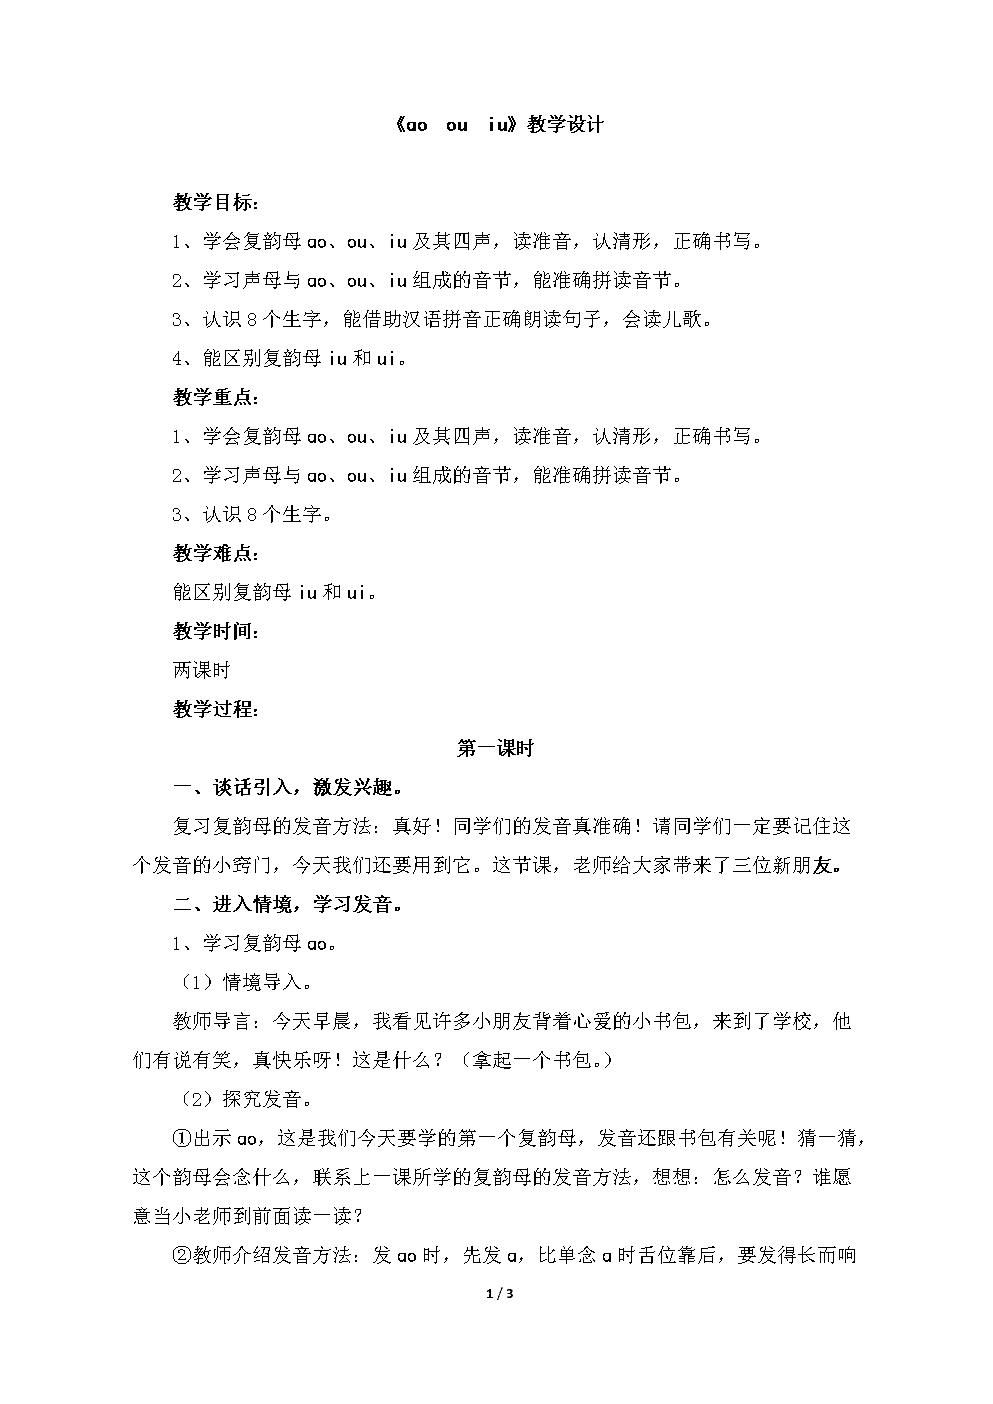 小学一年级语文上册《ao_ou_iu》教学设计(苏教版).doc